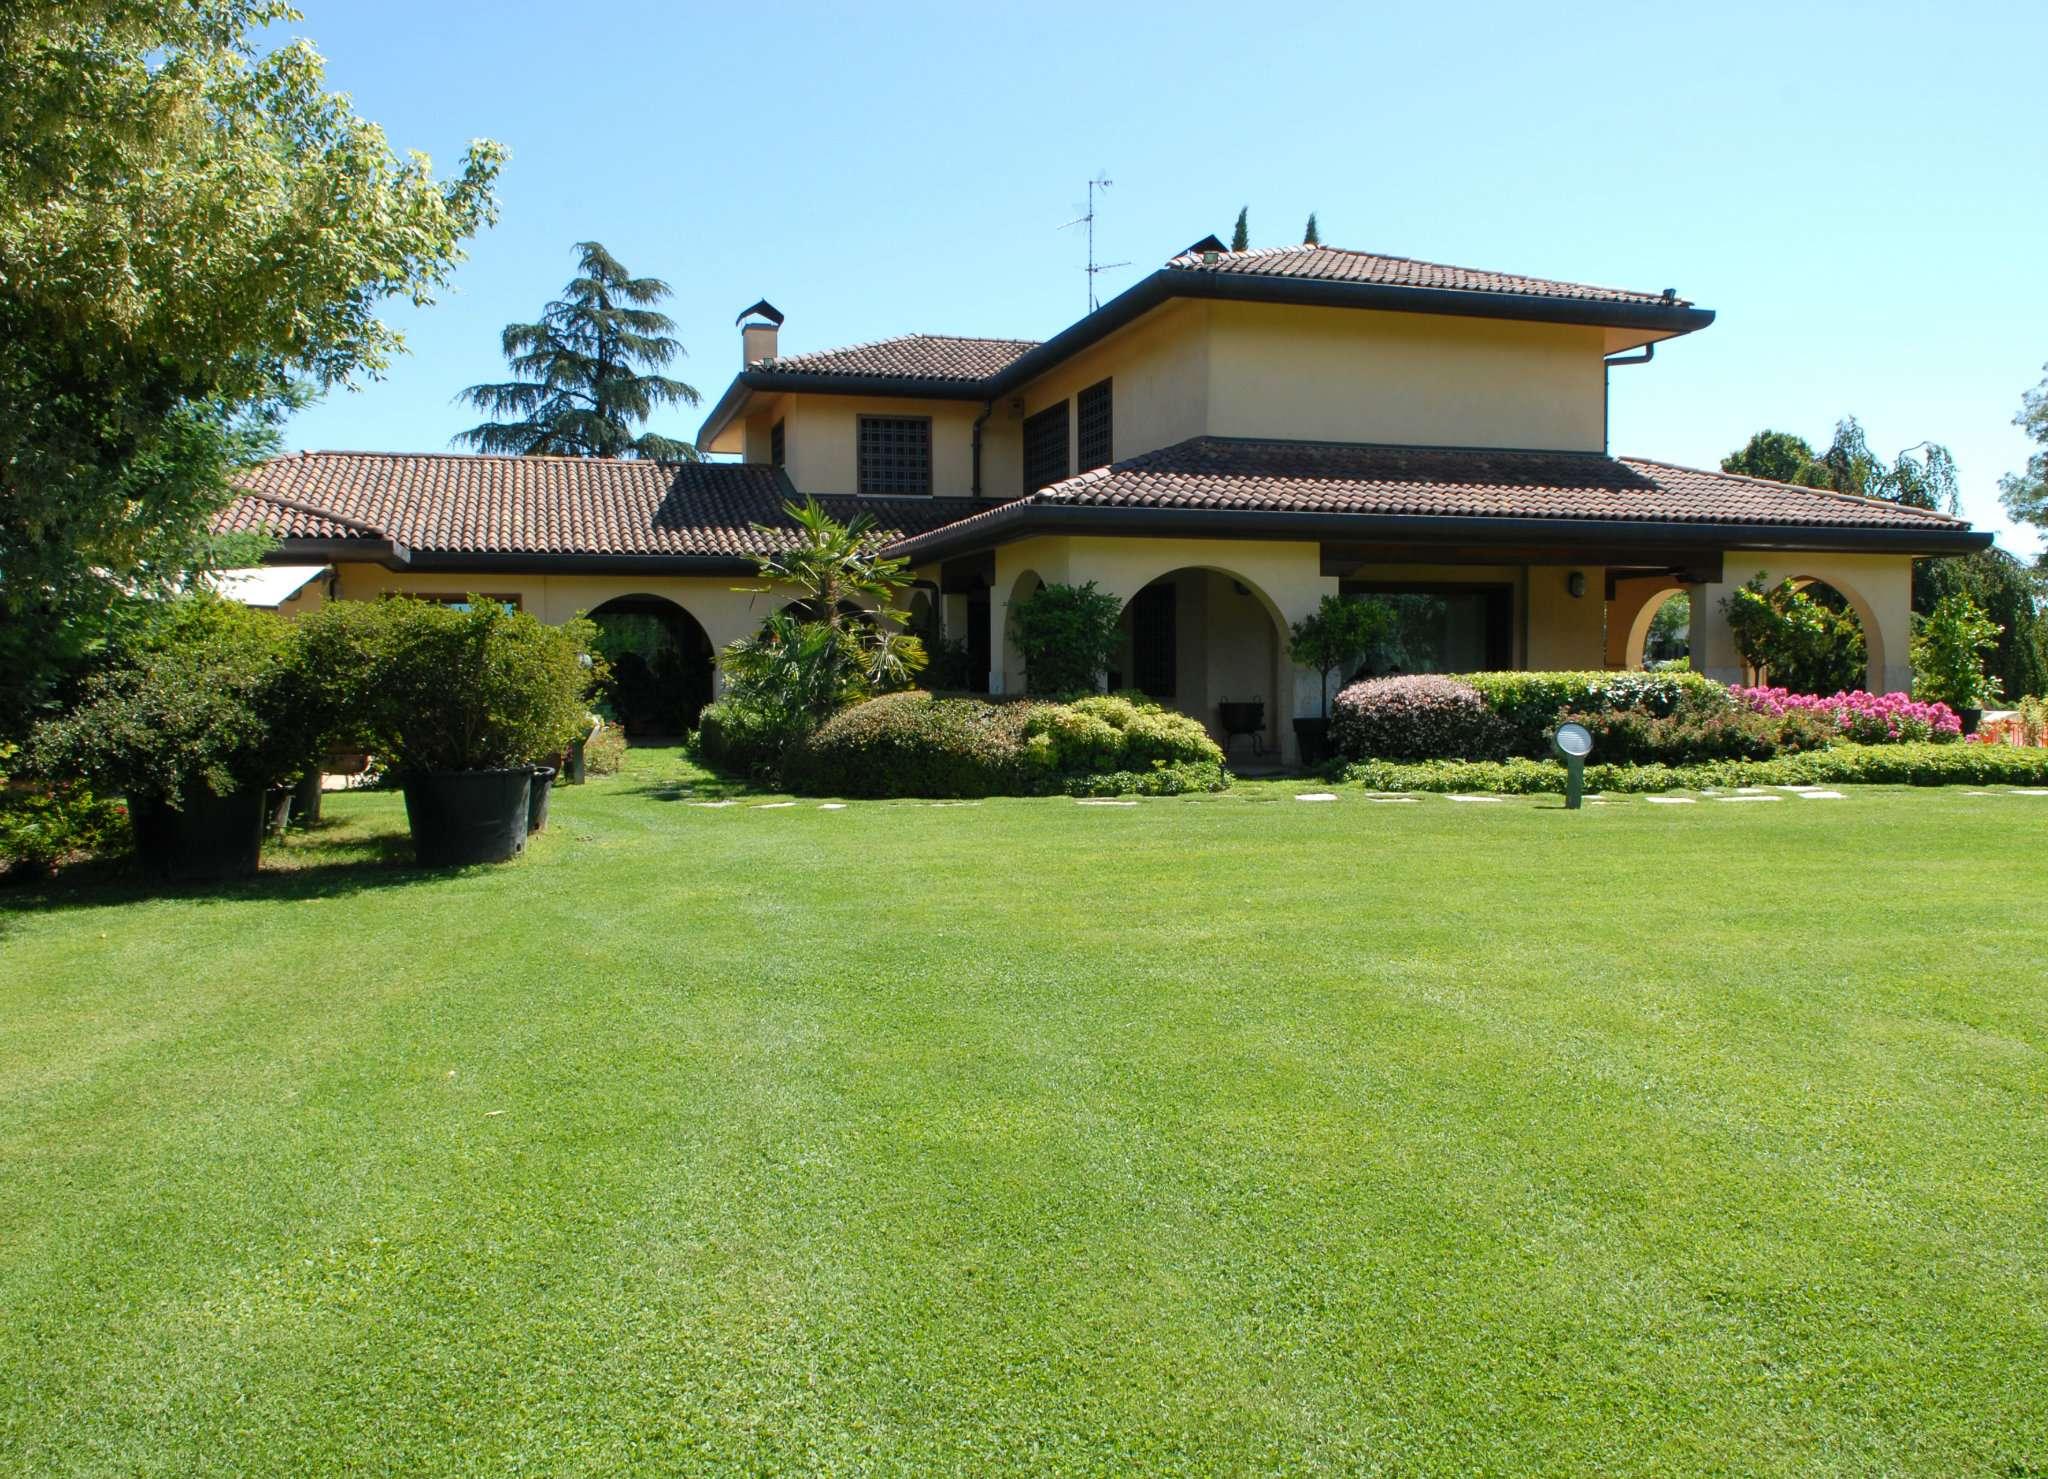 Villa in vendita a Lesmo, 7 locali, prezzo € 1.790.000 | Cambio Casa.it